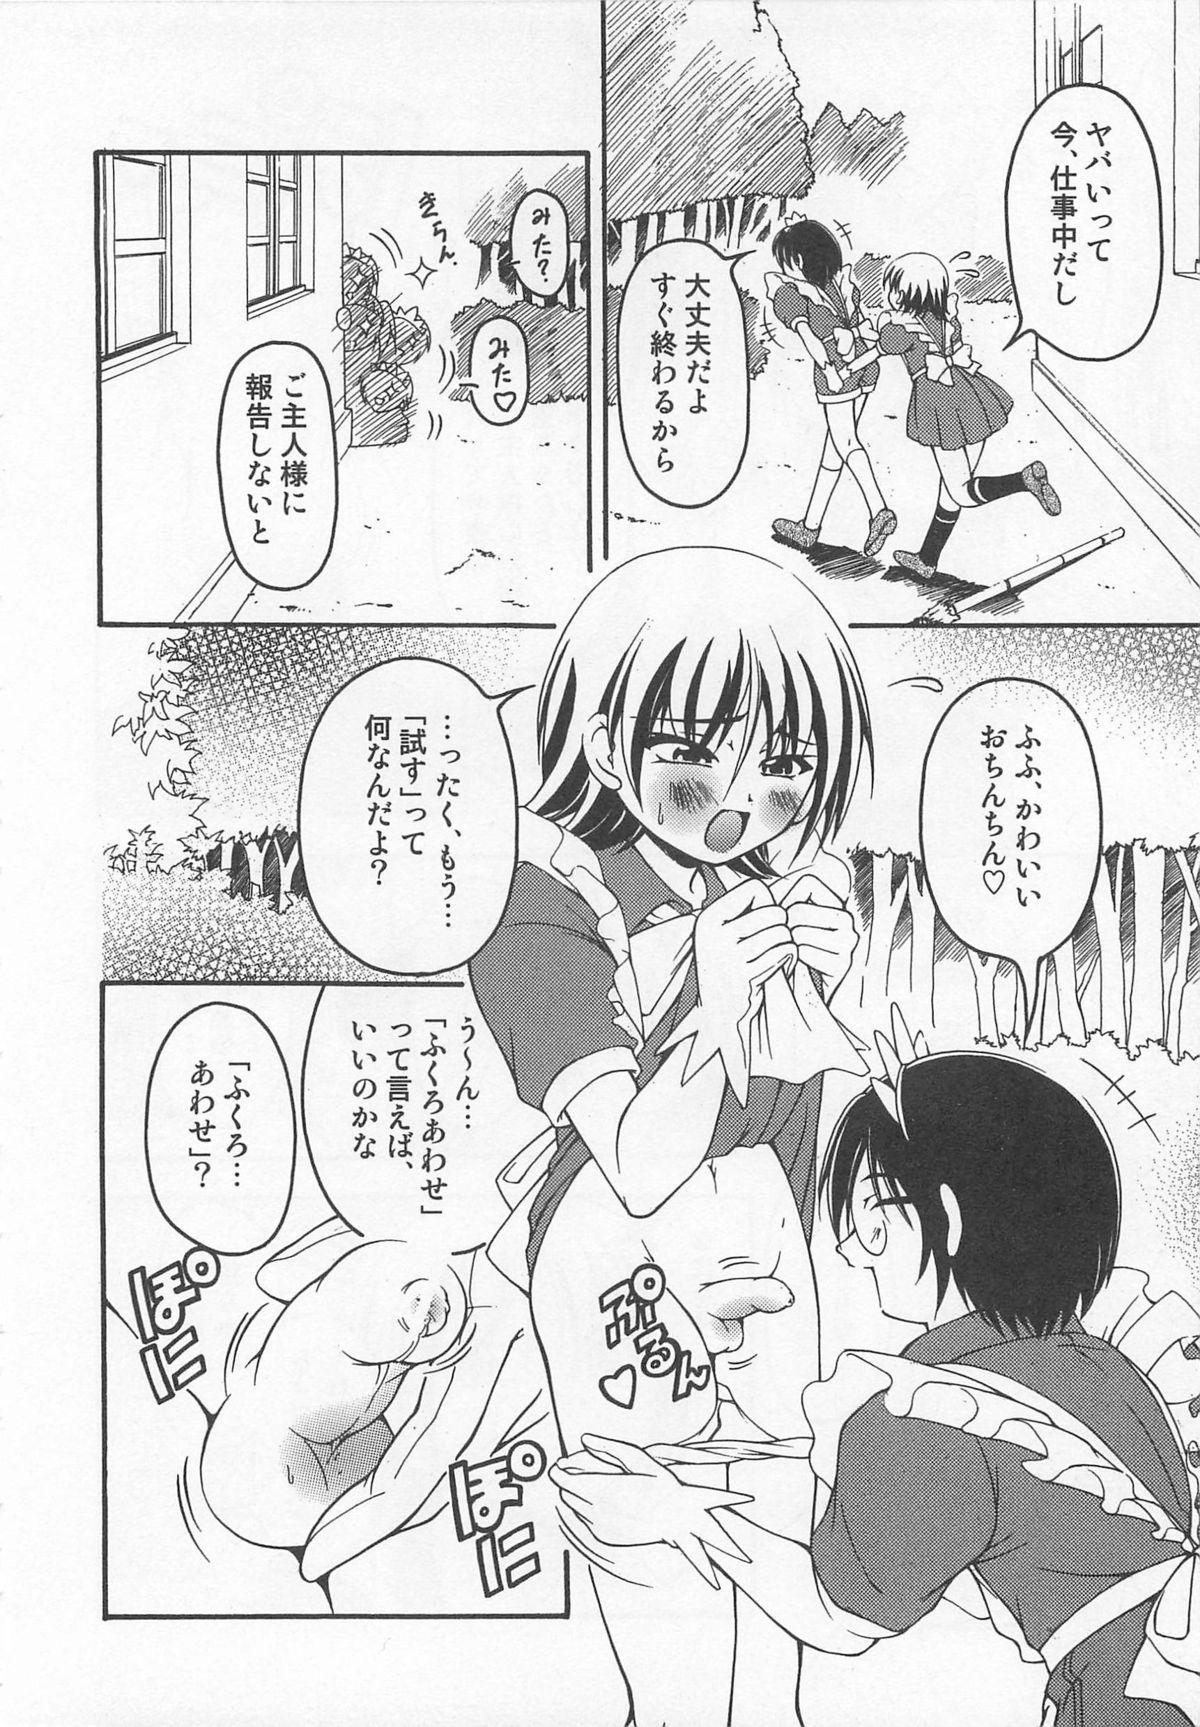 Otokonoko HEAVEN Vol. 01 Meganekko 56